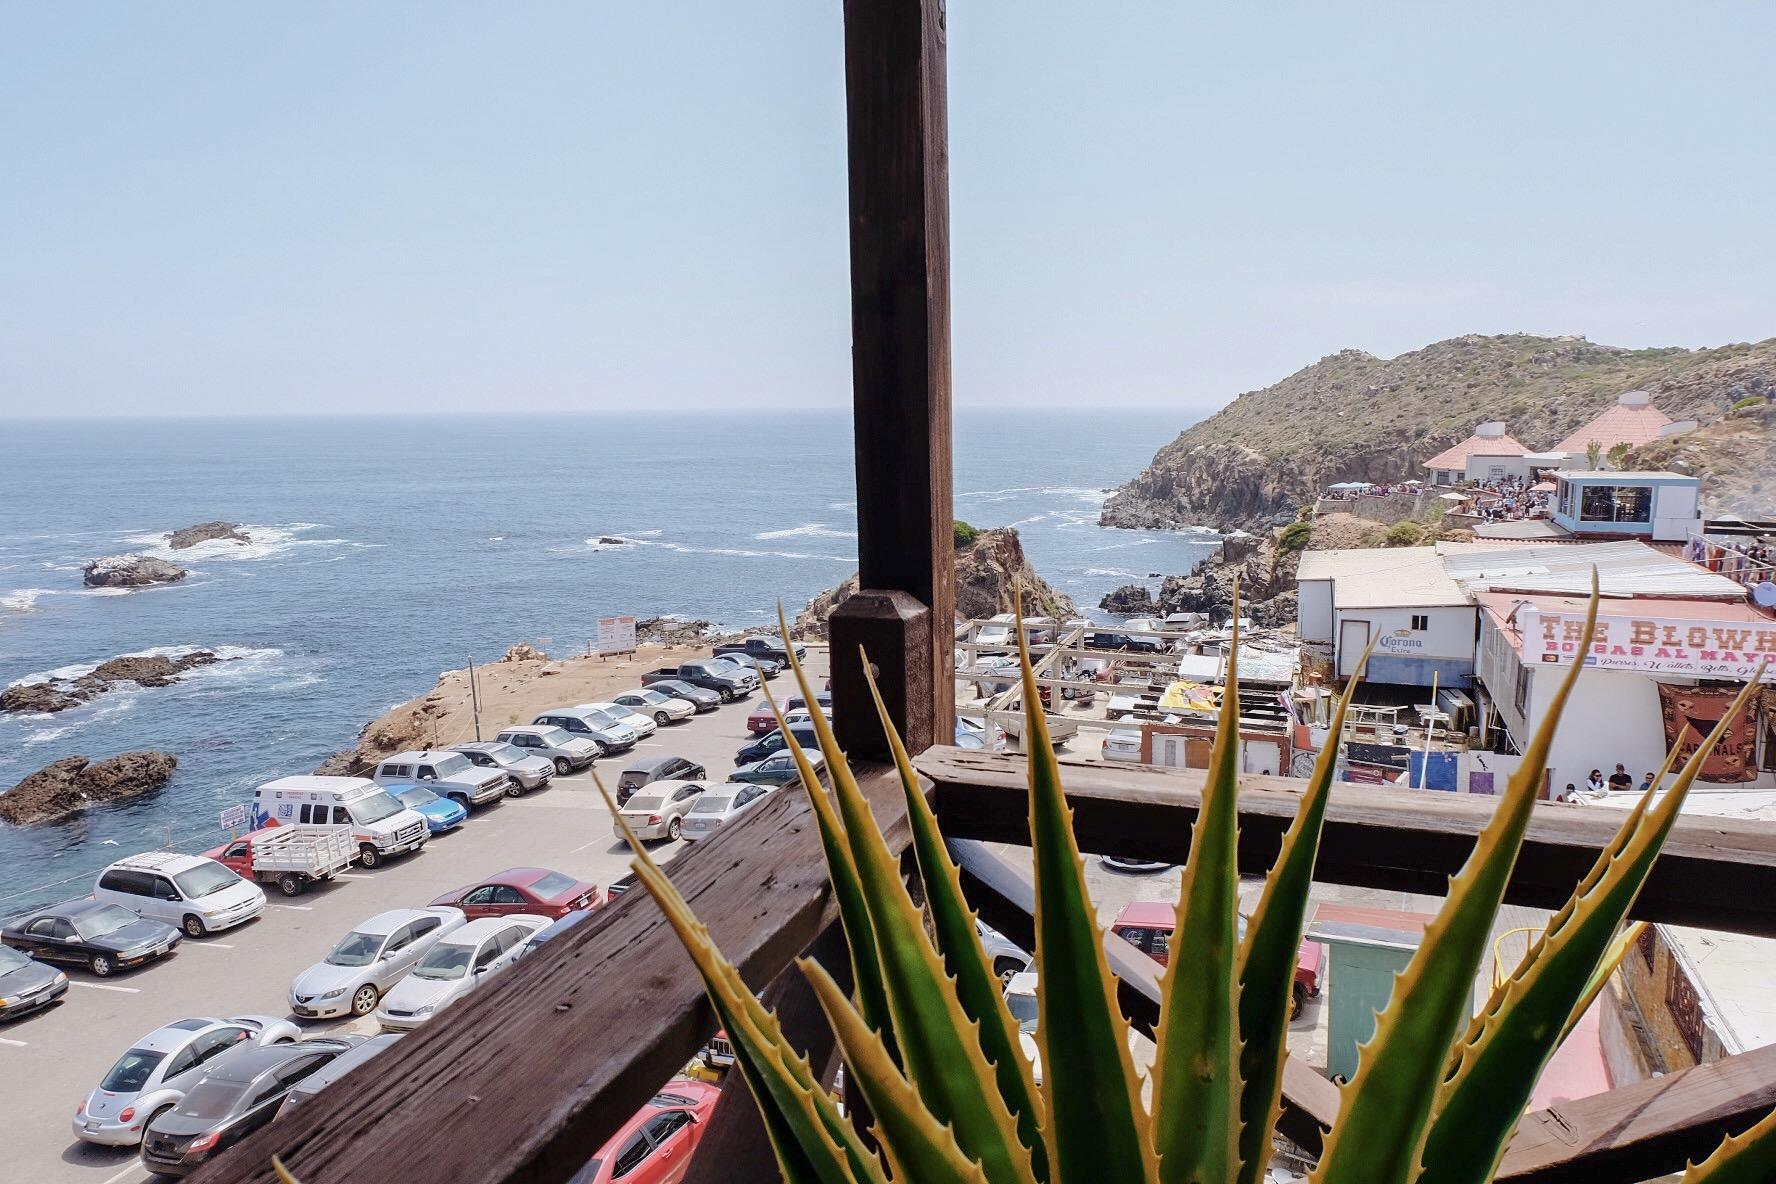 Habana Banana's Balcony Views